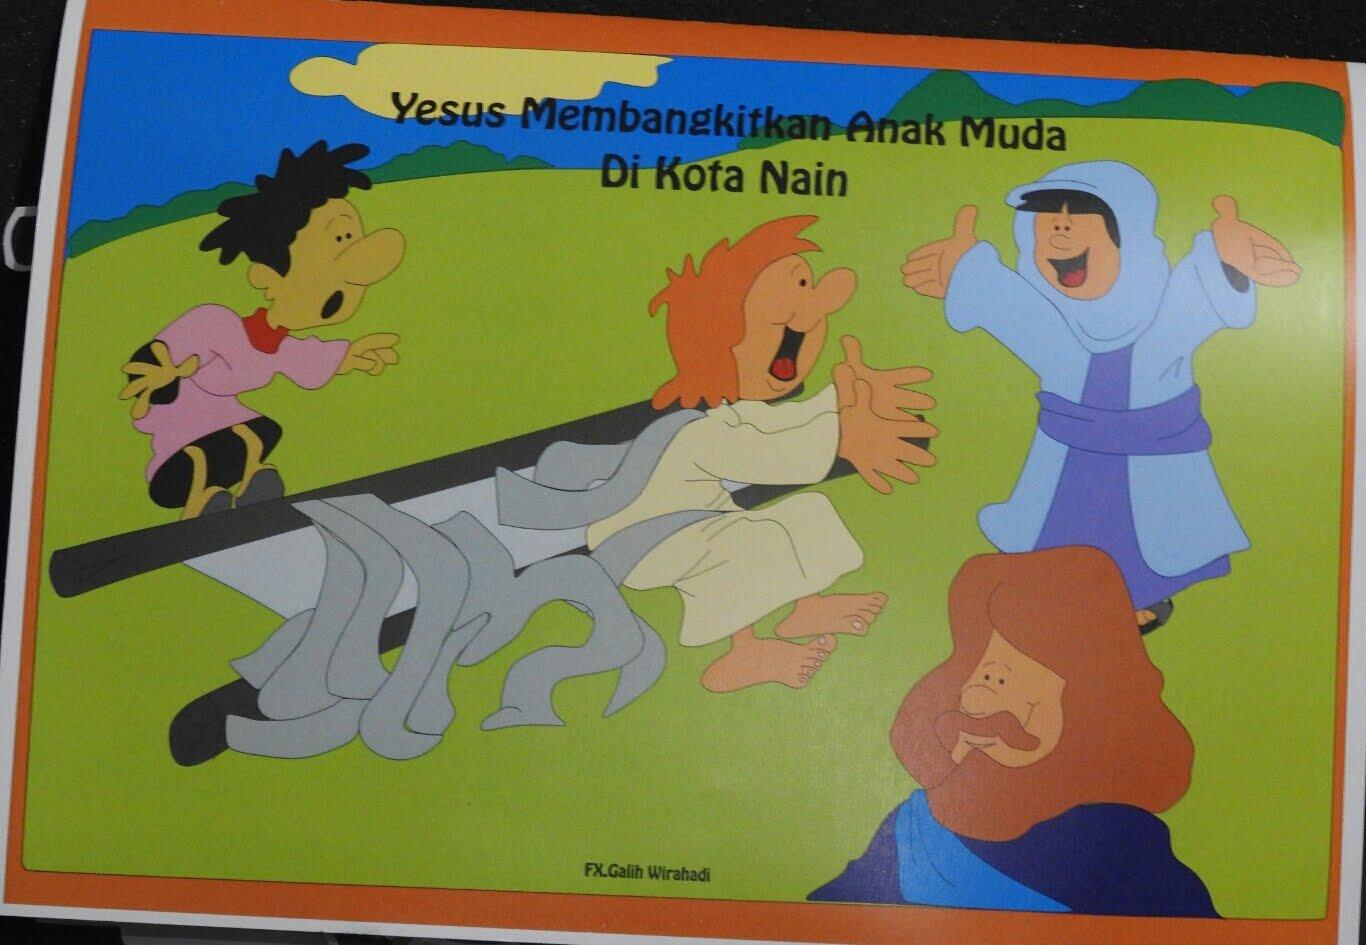 Buku Pop Up Yesus membangkitkan anak muda di kota nain